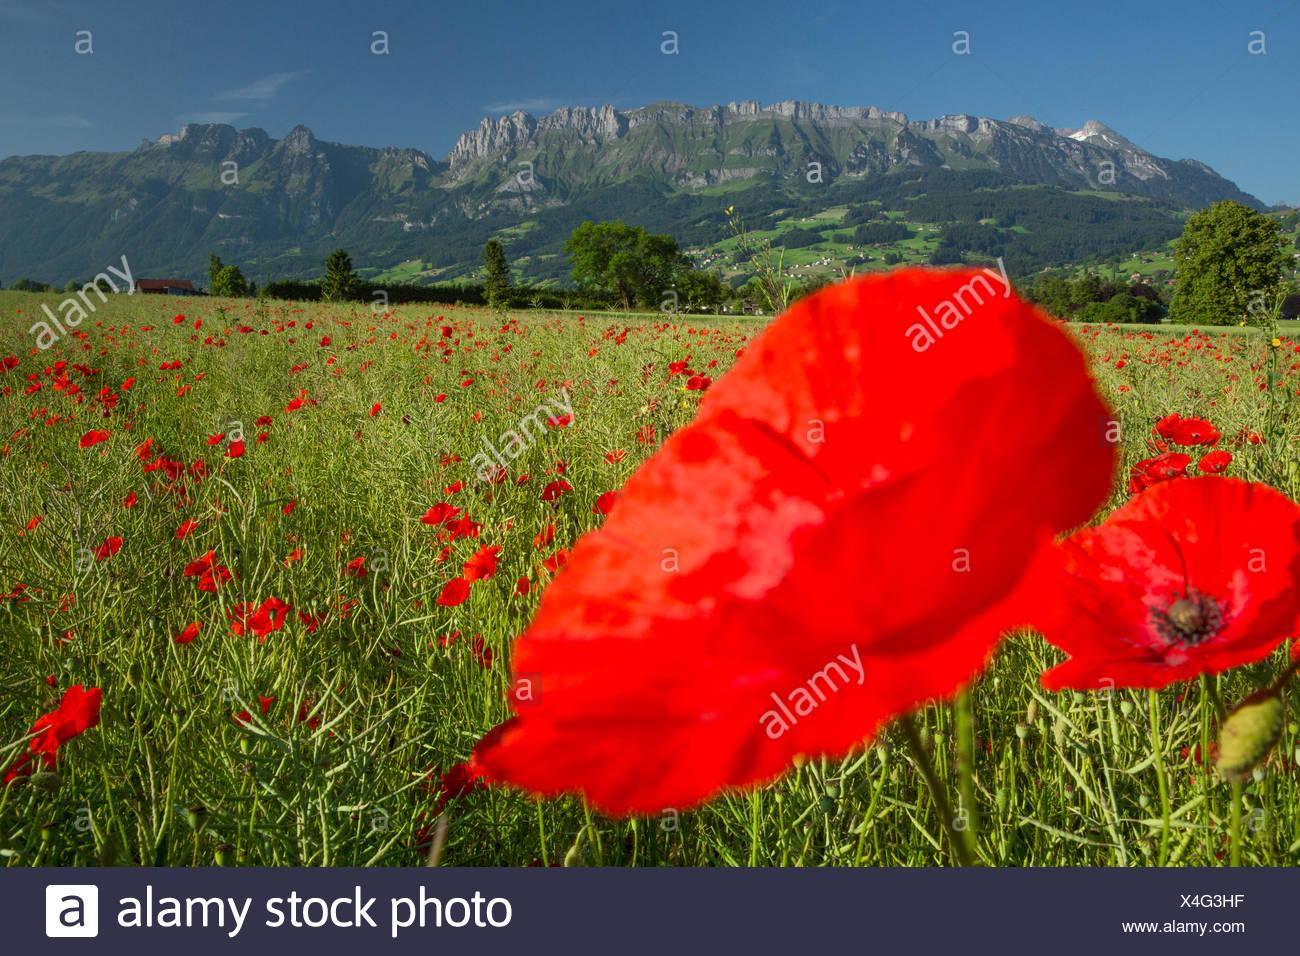 Rhine Valley, wheat field, poppy, Alpstein, Kreuzberge, flower, flowers, agriculture, SG, canton St. Gallen, Rhine Valley, Switz - Stock Image